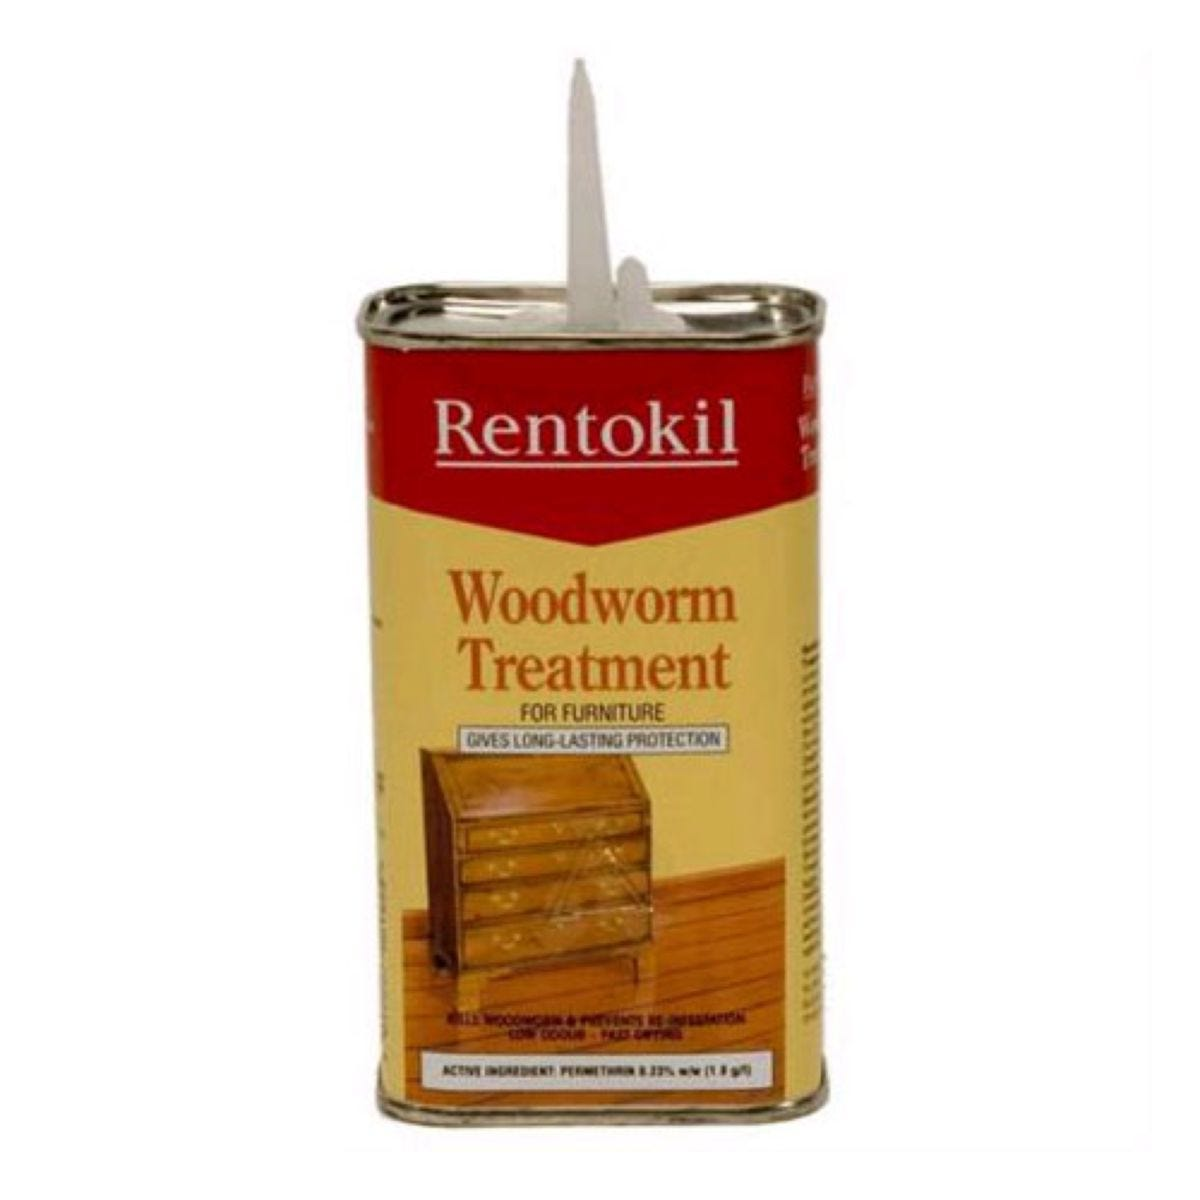 Rentokil Woodworm Treatment Fluid - 250ml